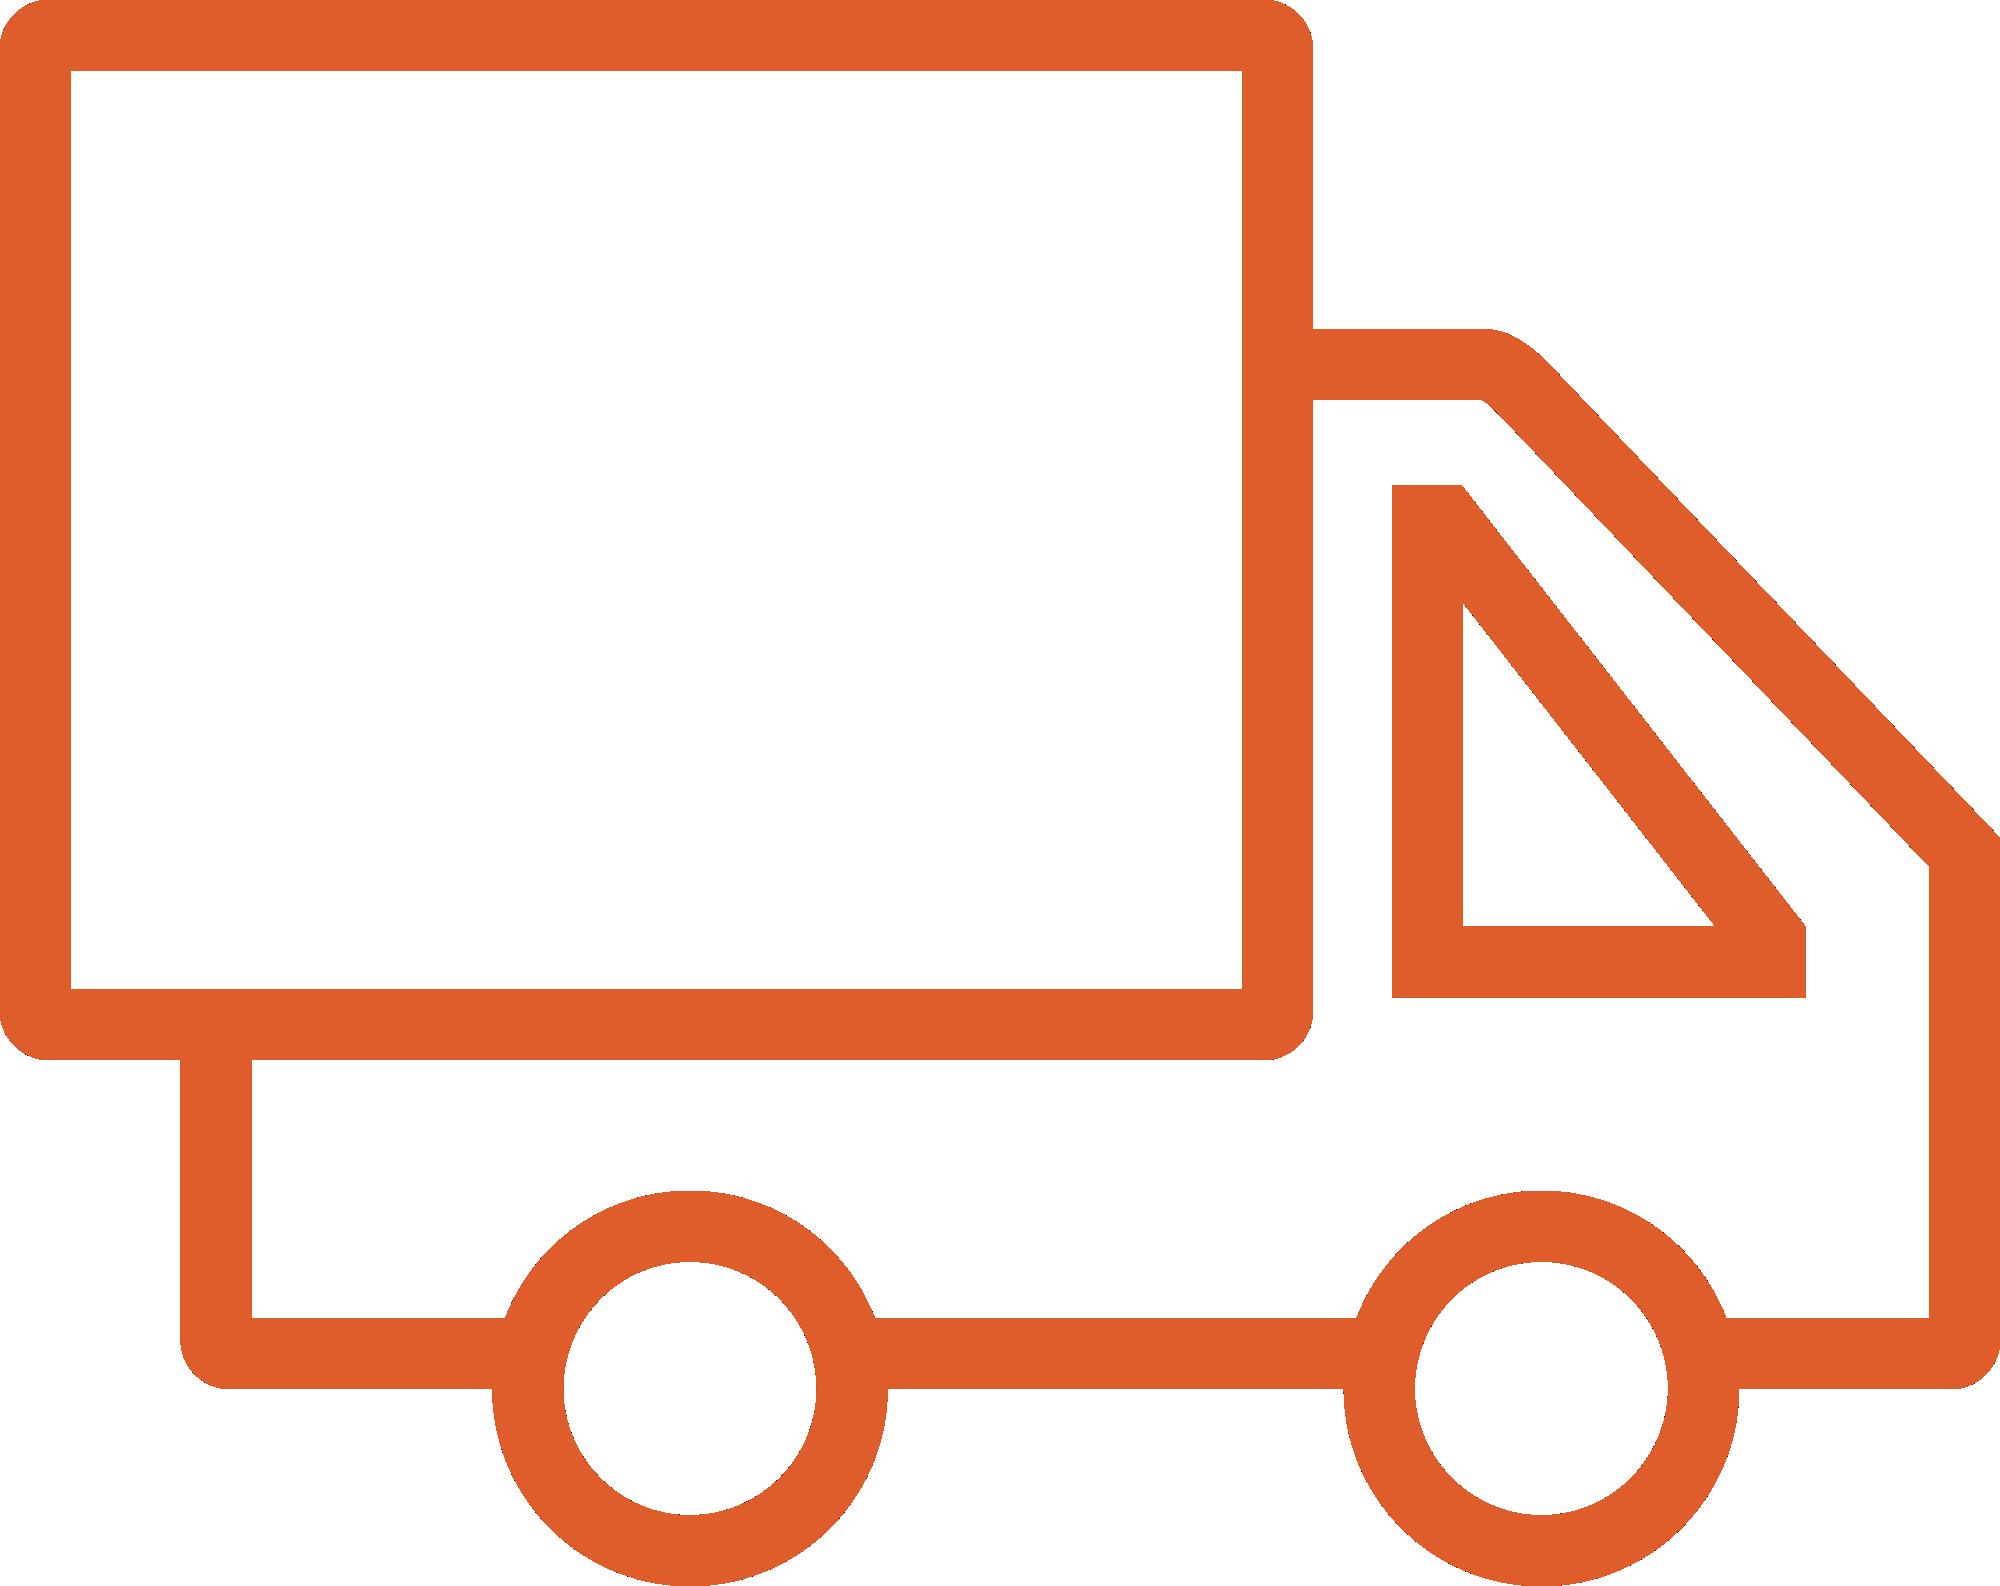 Доставка в день поступления заказа на склад